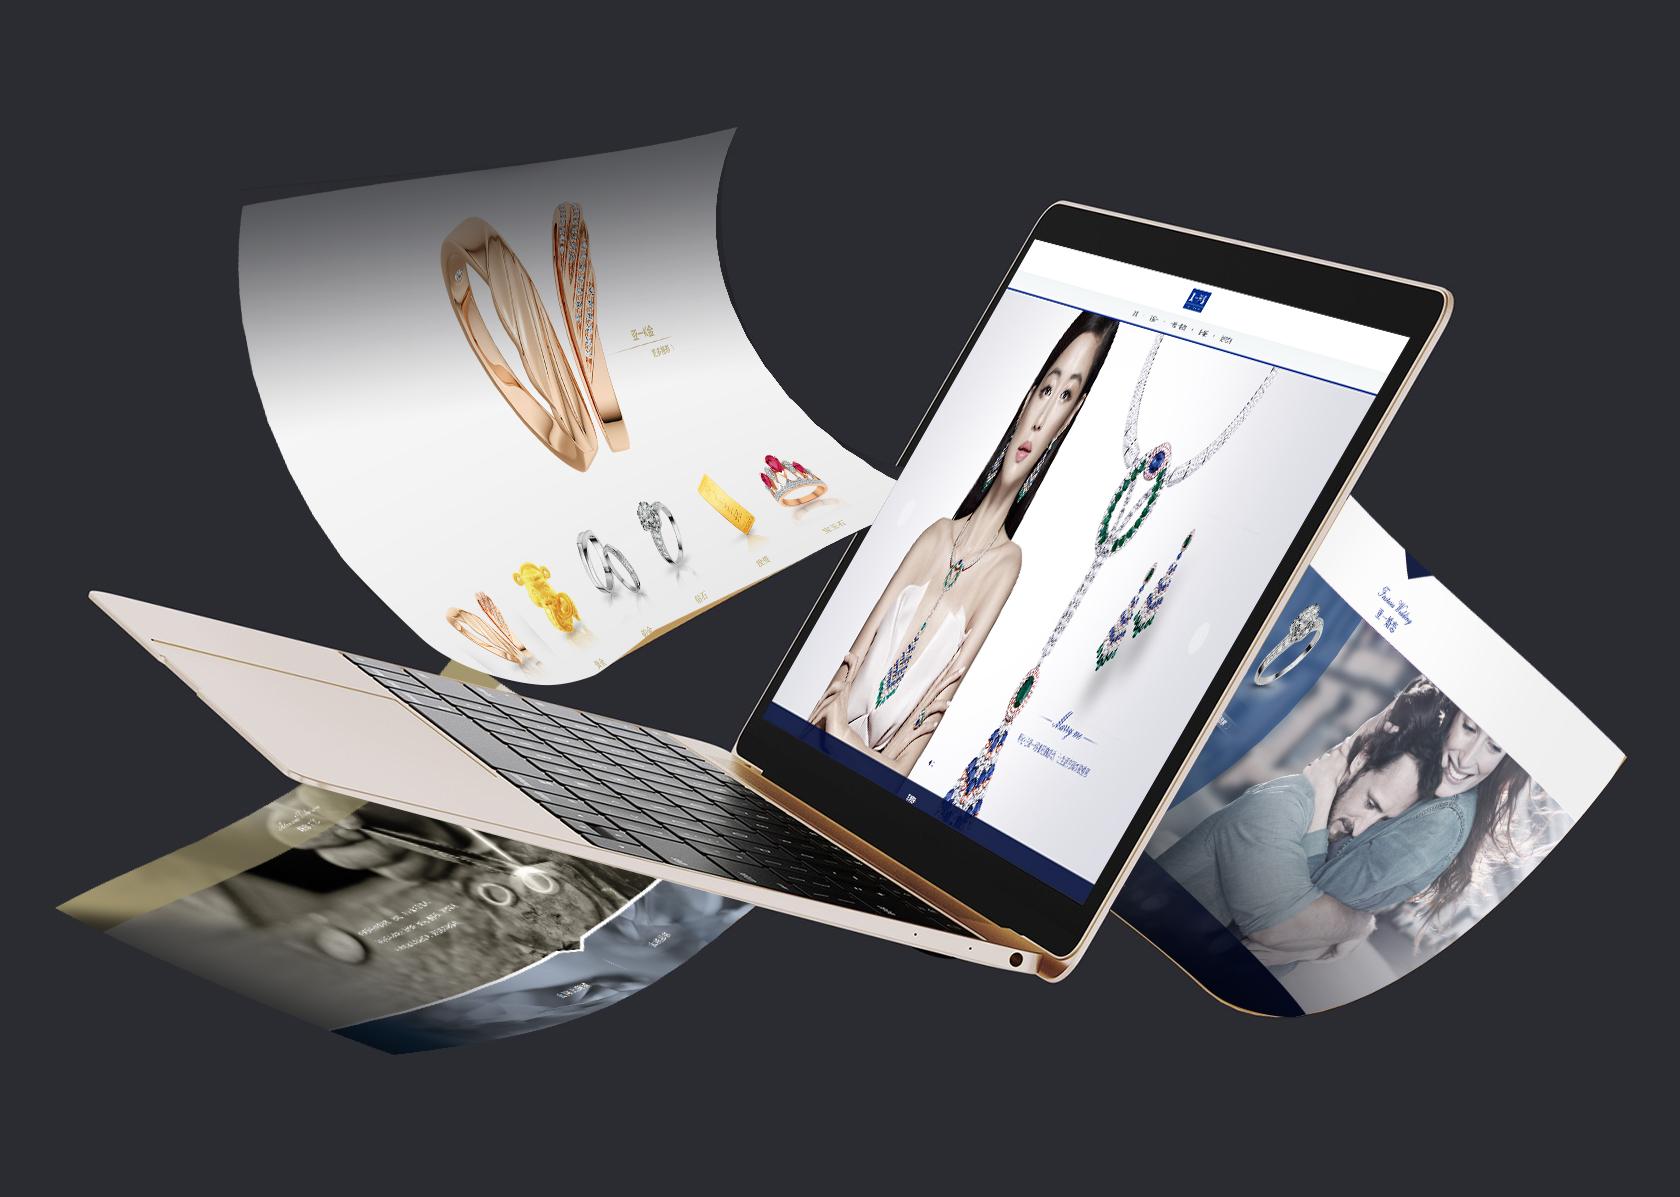 亚一珠宝品牌官网 品牌官网设计 | 班田互动